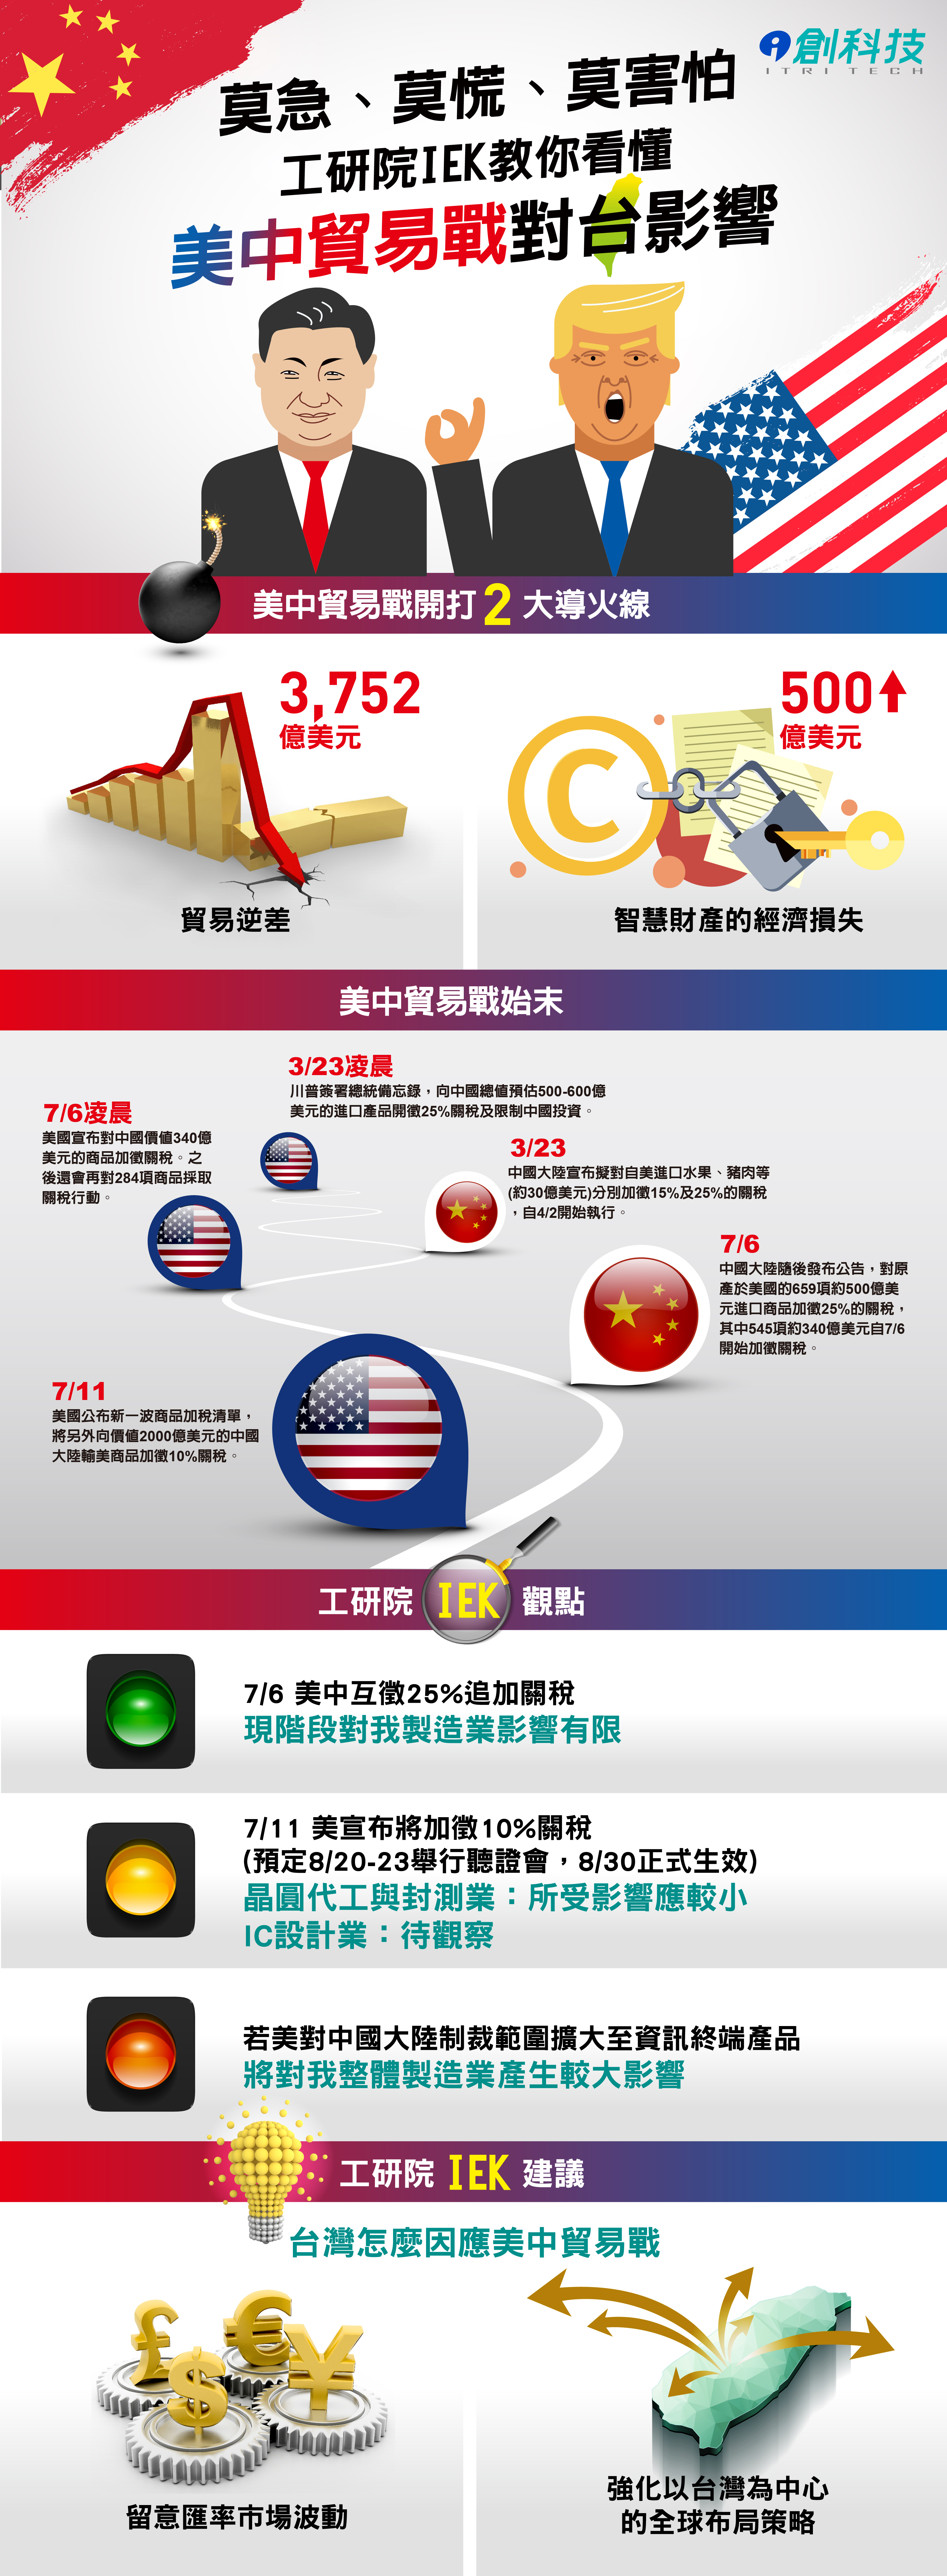 工研院IEK教你看懂中美貿易戰圖表--i創科技